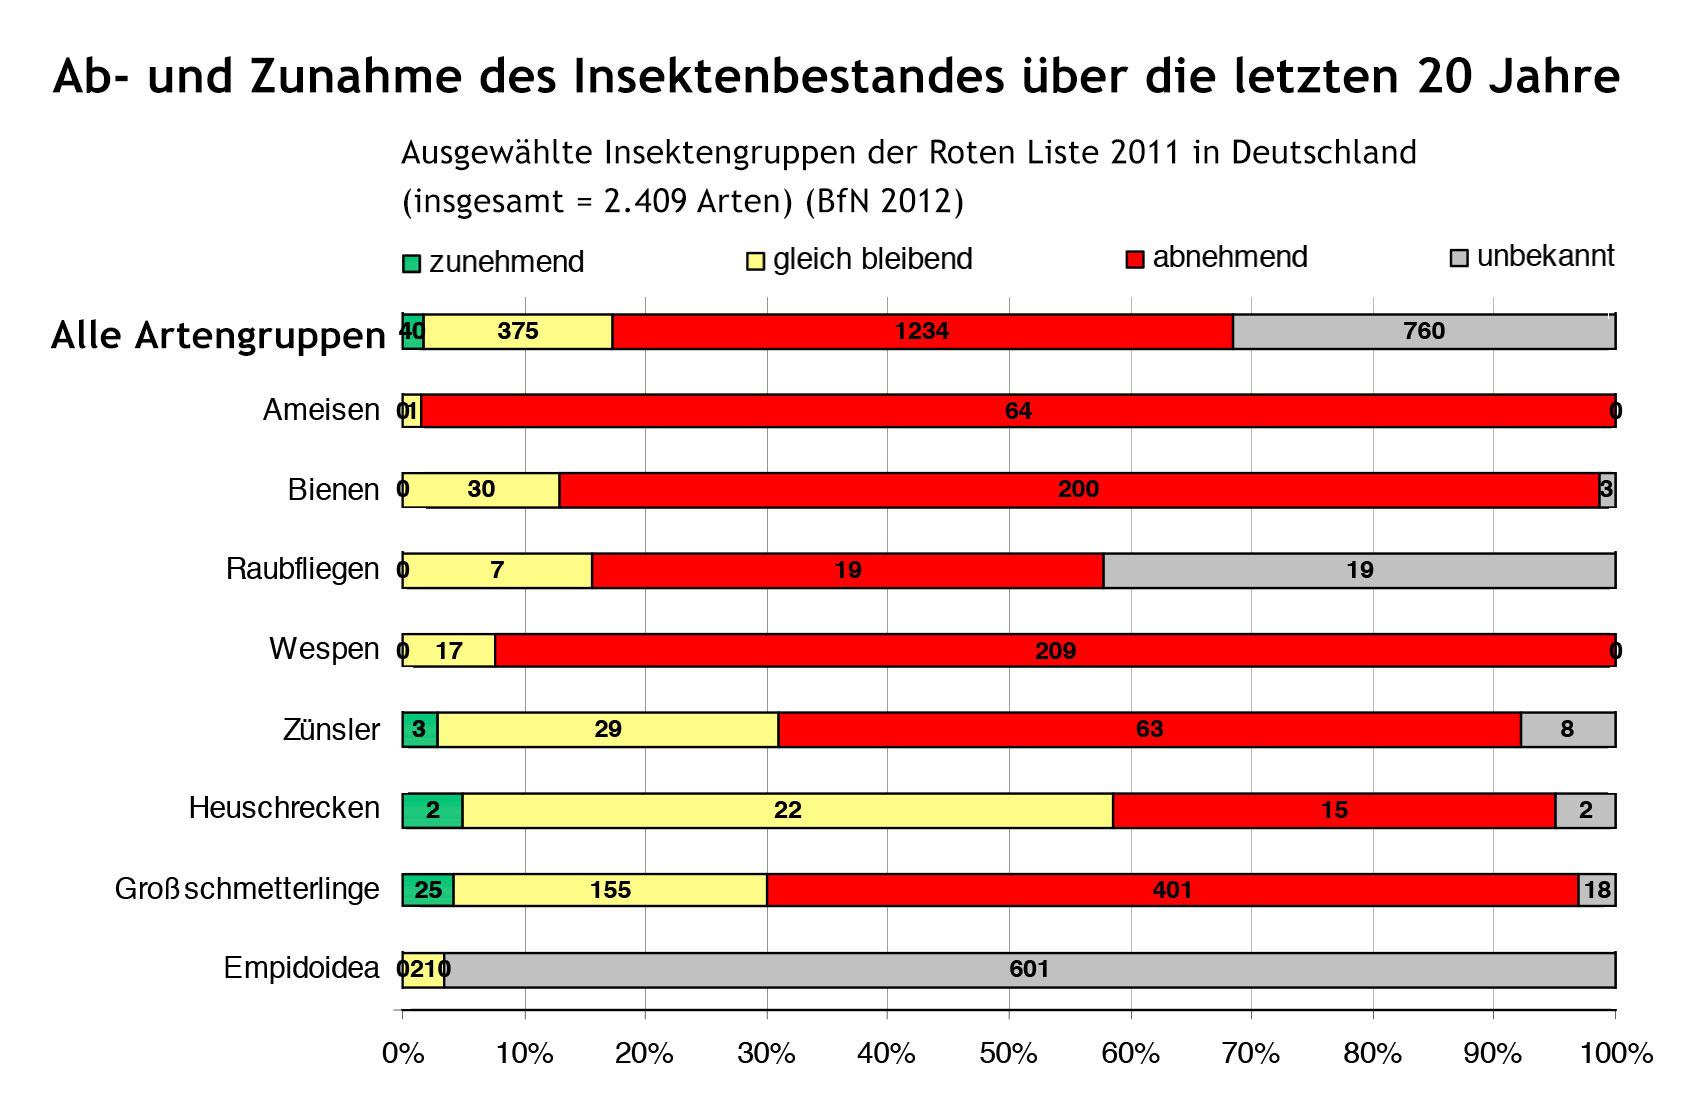 Bestandsveränderungen ausgewählter Insektengruppen der Roten Liste 2011 in Deutschland (insgesamt=2.409 Arten) (BfN 2012)